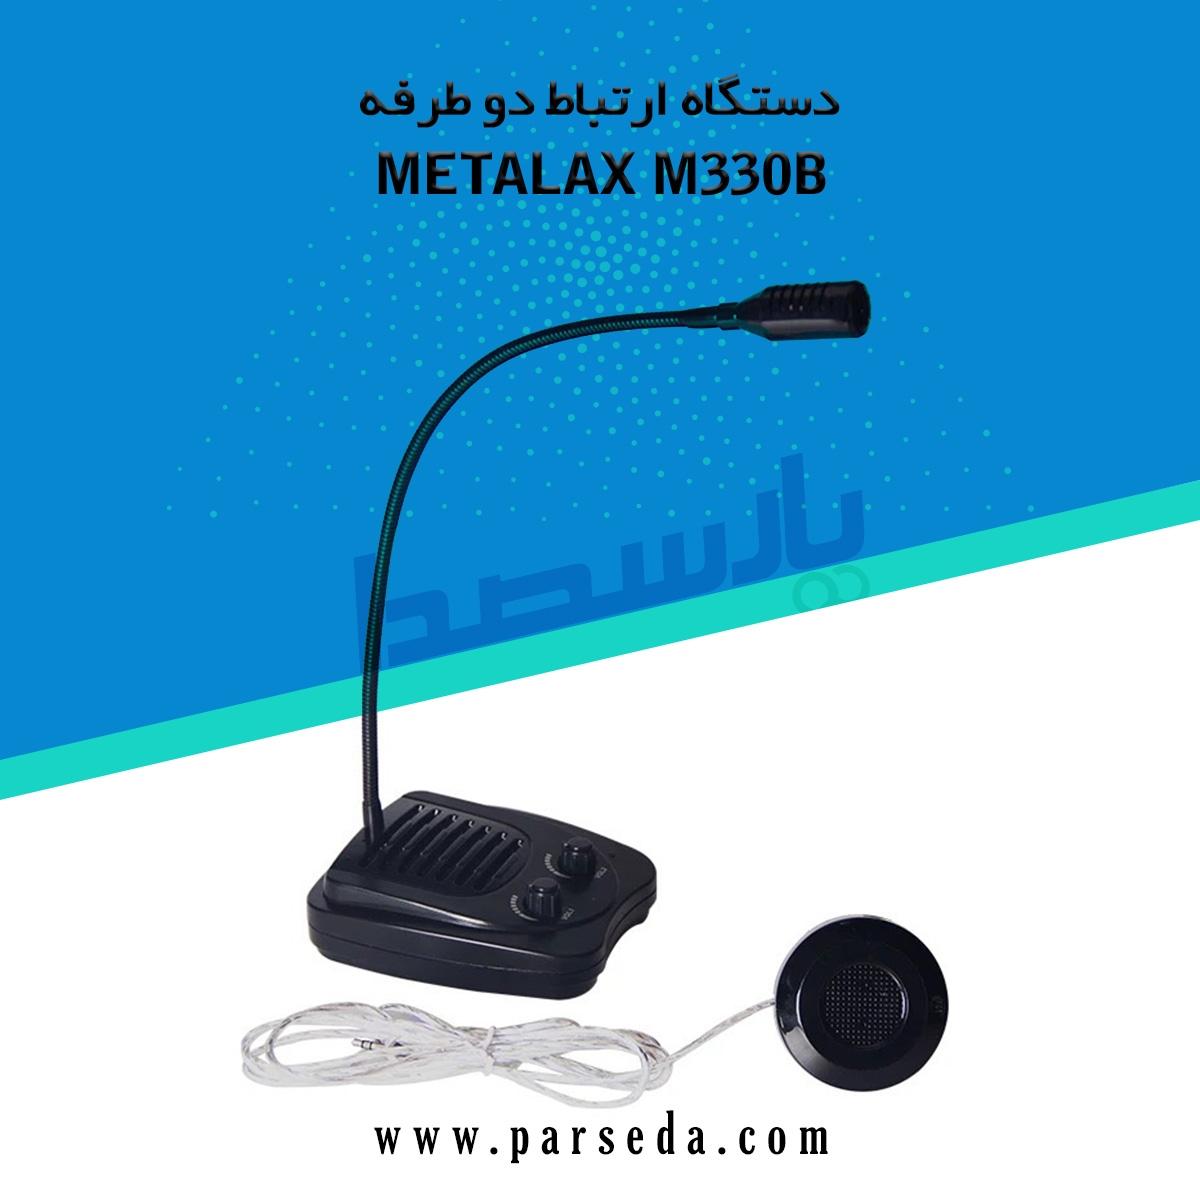 میکروفون گیشه سیستم ارتباط دو طرفه metalax